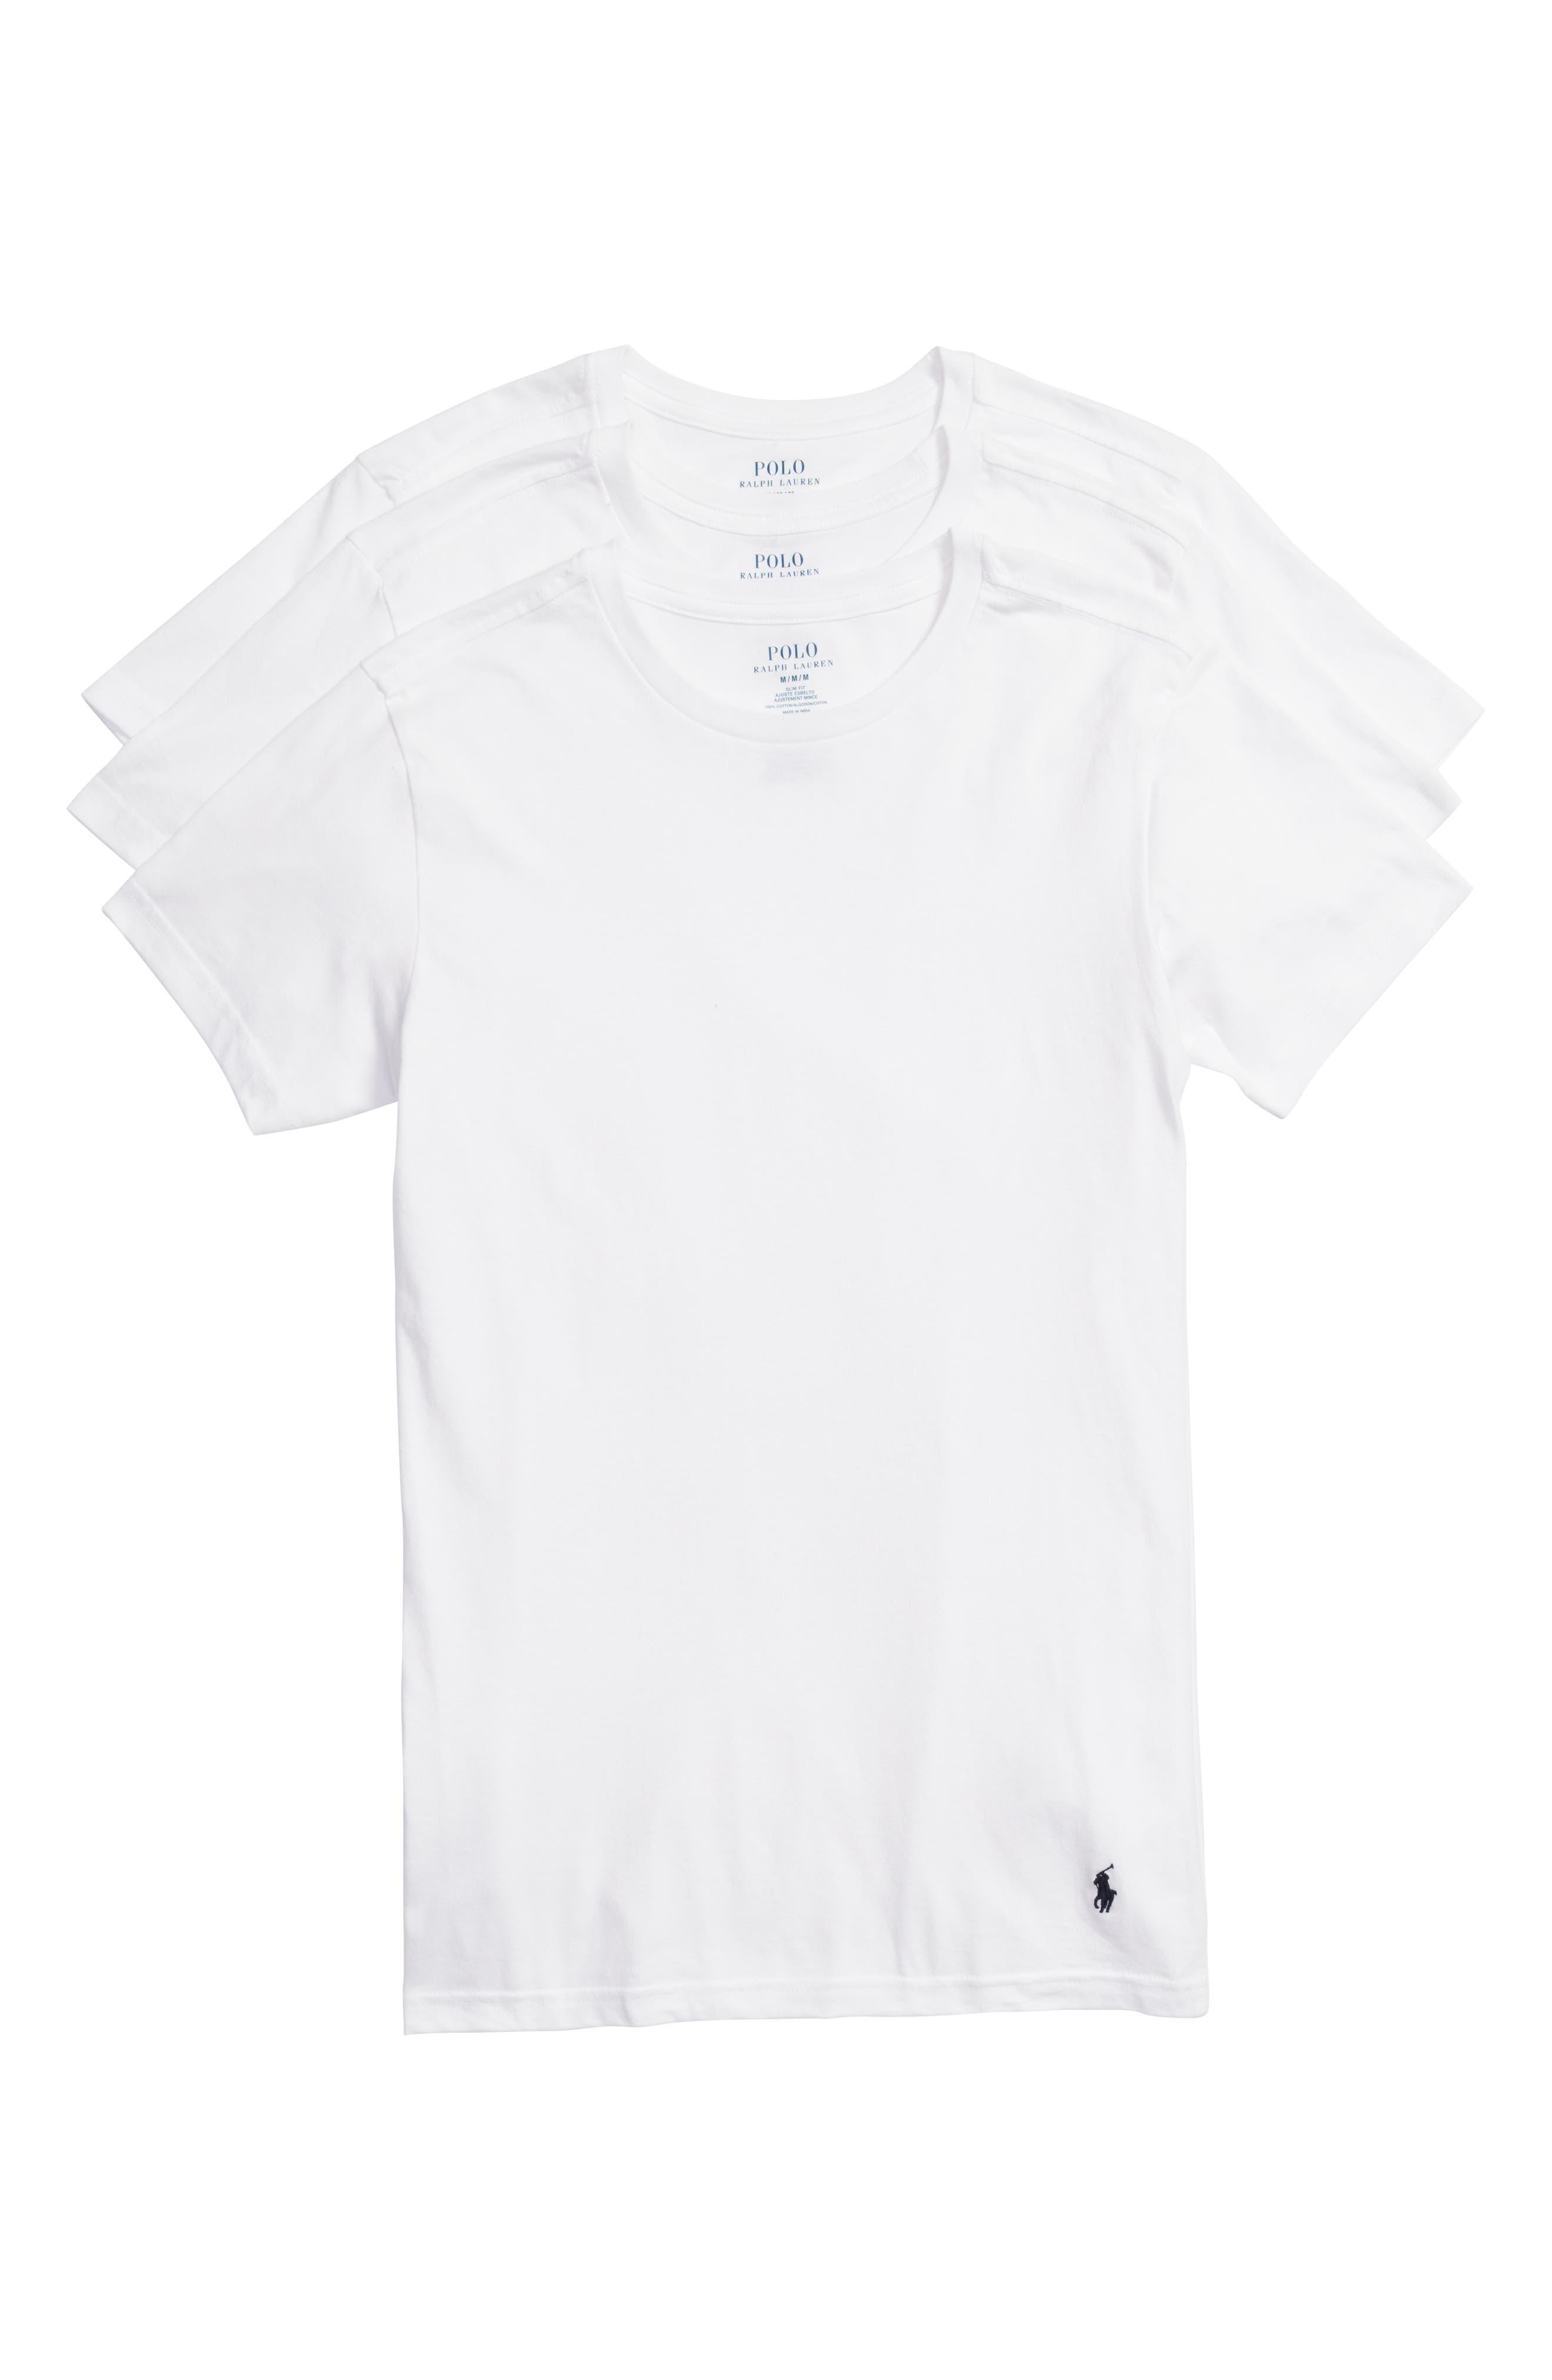 LAUREN RALPH LAUREN Polo Ralph Lauren 3-Pack Slim Fit Crewneck T-Shirts, Main, color, WHITE